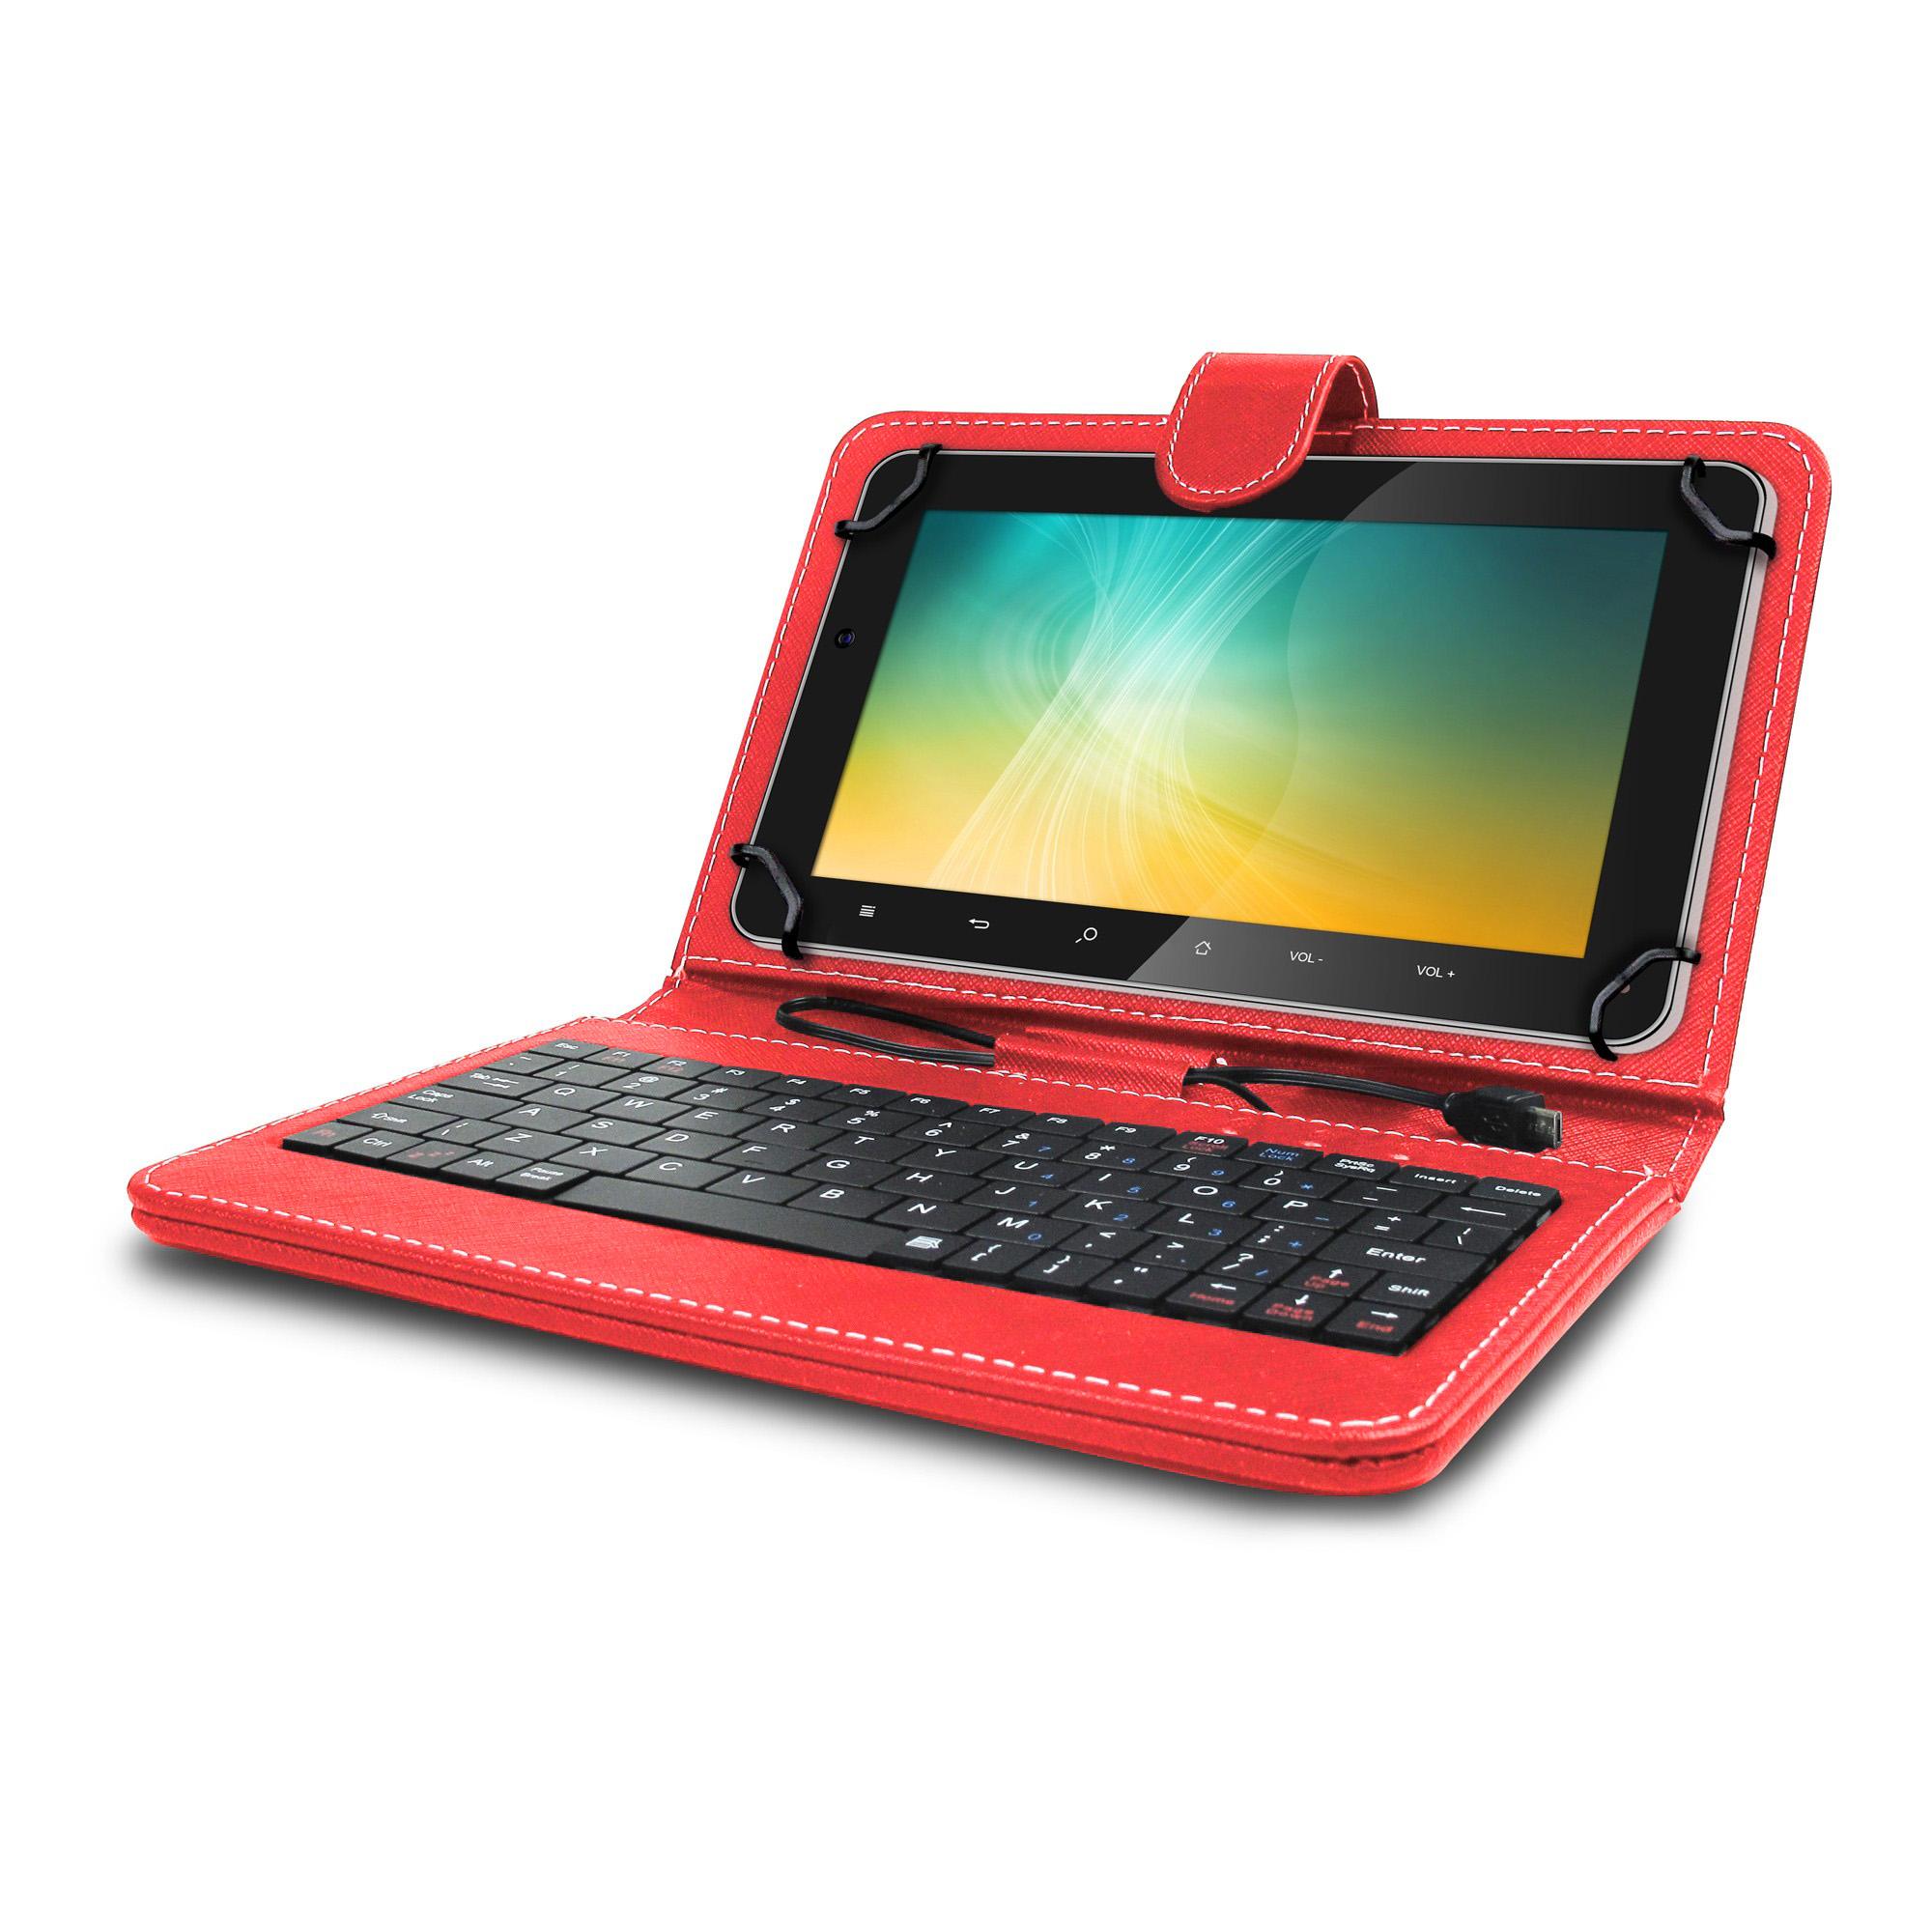 Husa tableta model X cu tastatura MRG L-405, MicroUSB, 10 inch, Rosu